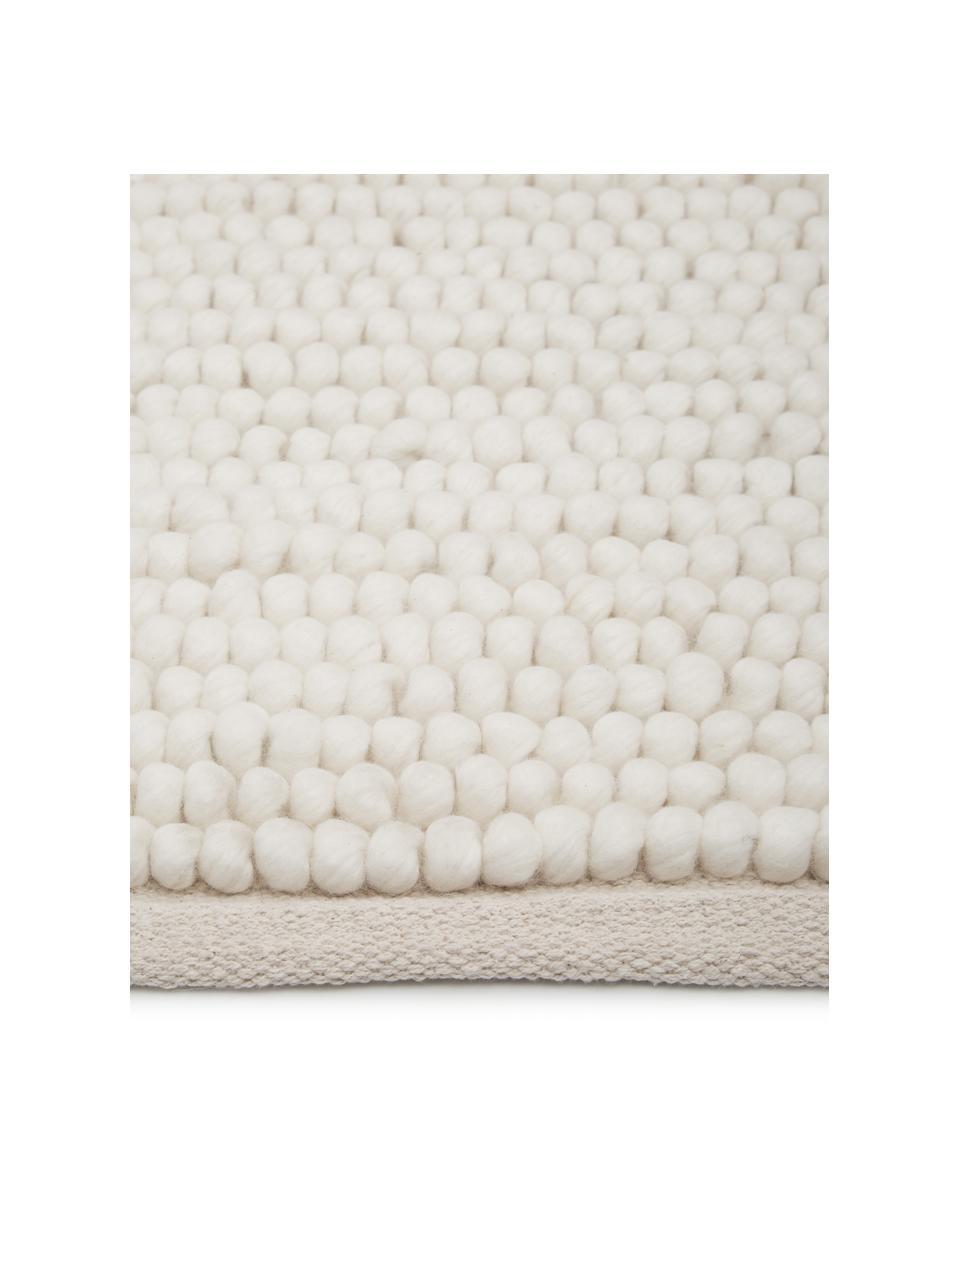 Tappeto in lana color bianco crema Pebble, 80% lana della Nuova Zelanda, 20% nylon Nel caso dei tappeti di lana, le fibre possono staccarsi nelle prime settimane di utilizzo, questo e la formazione di lanugine si riducono con l'uso quotidiano, Bianco, Larg. 80 x Lung. 150 cm (taglia XS)